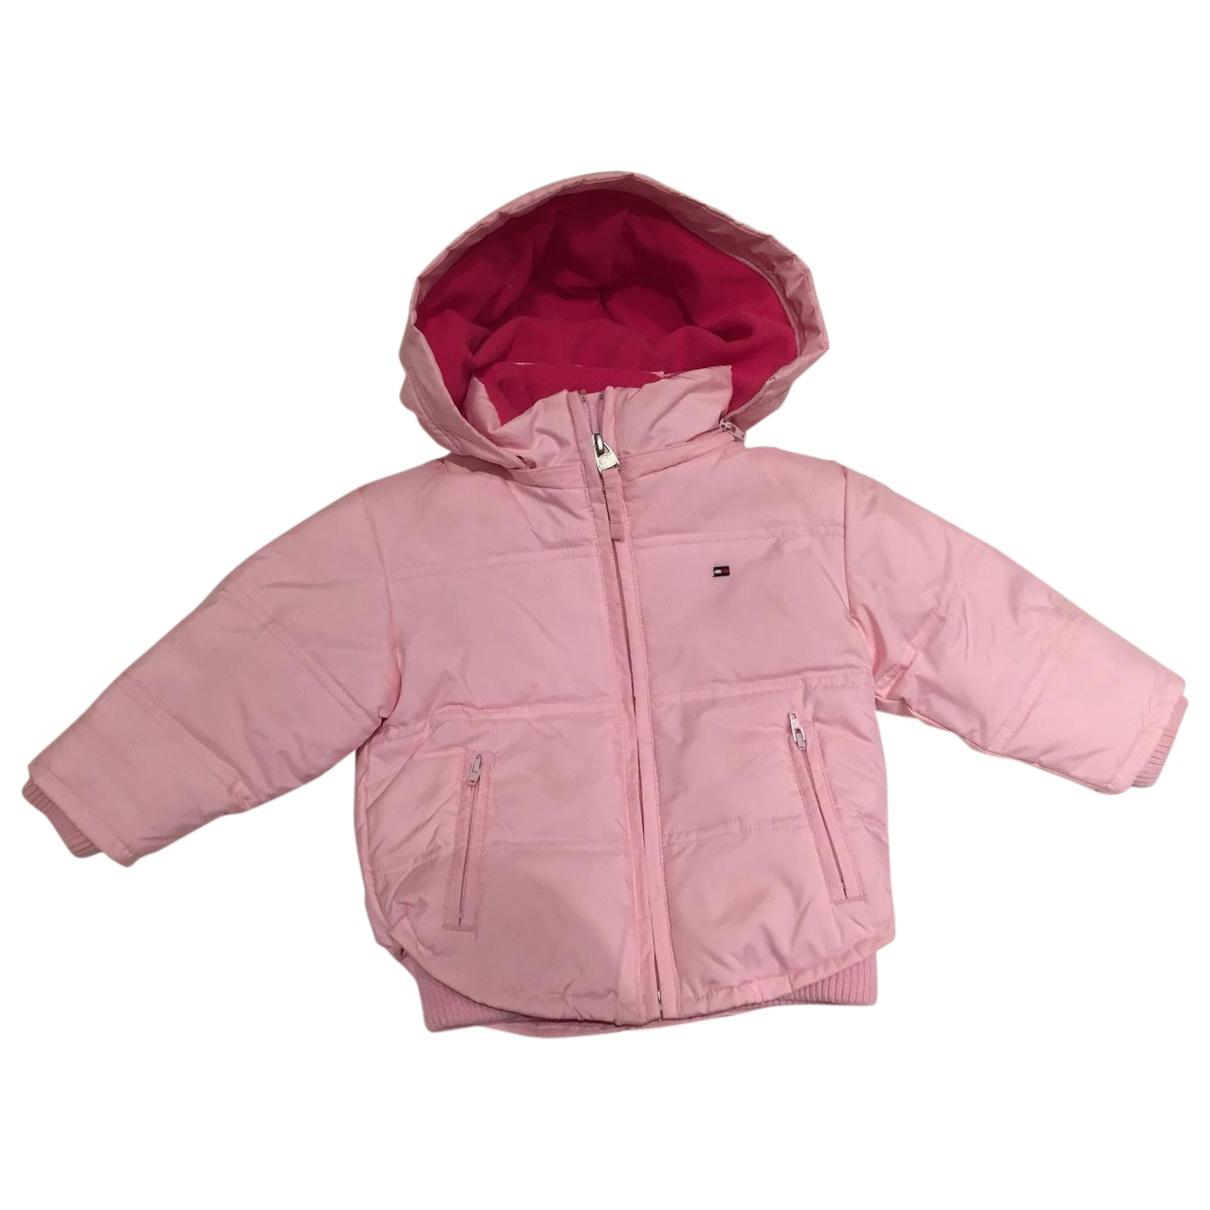 Tommy Hilfiger \N Pink jacket & coat for Kids 3-6 months